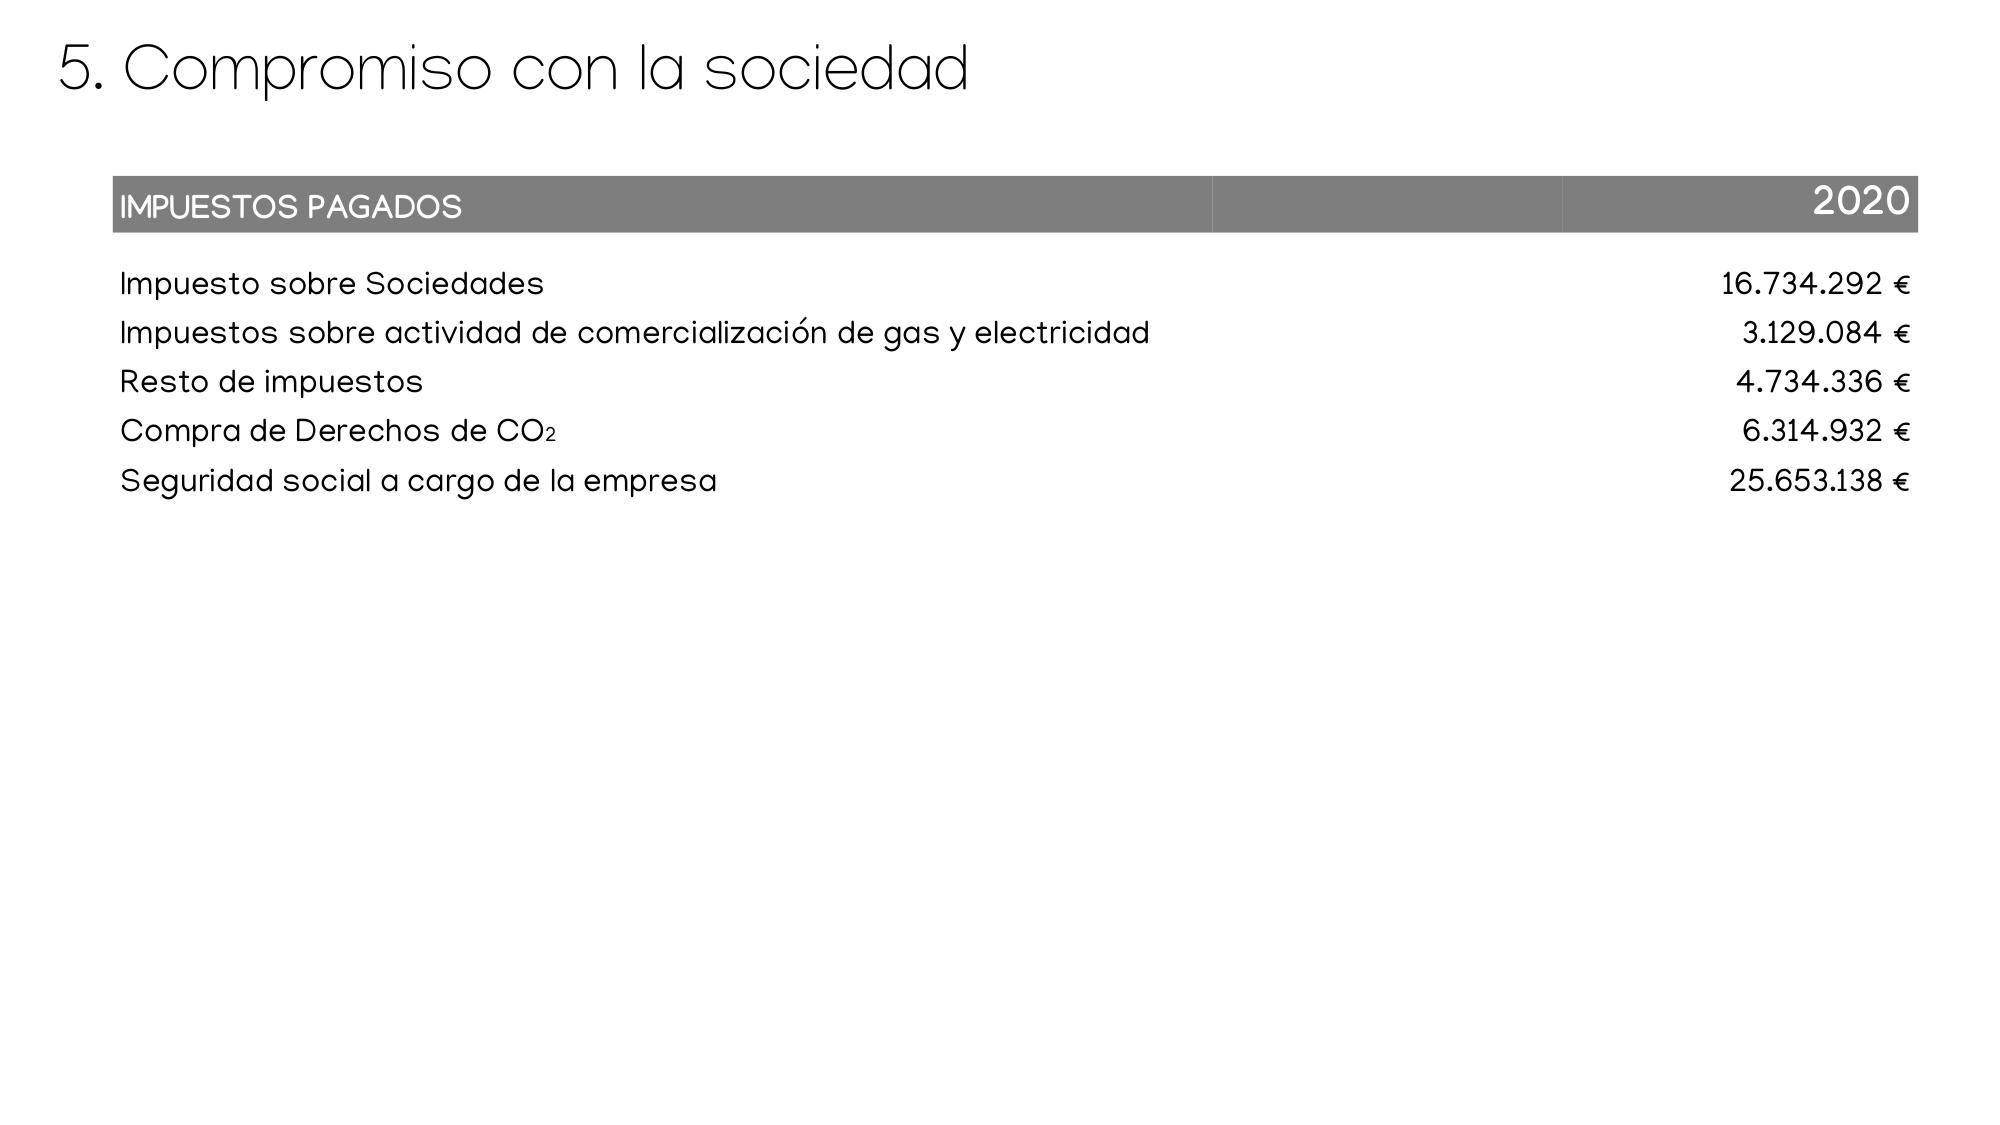 RESULTADOS_ pamesa_grupo_empresarial_page-0043